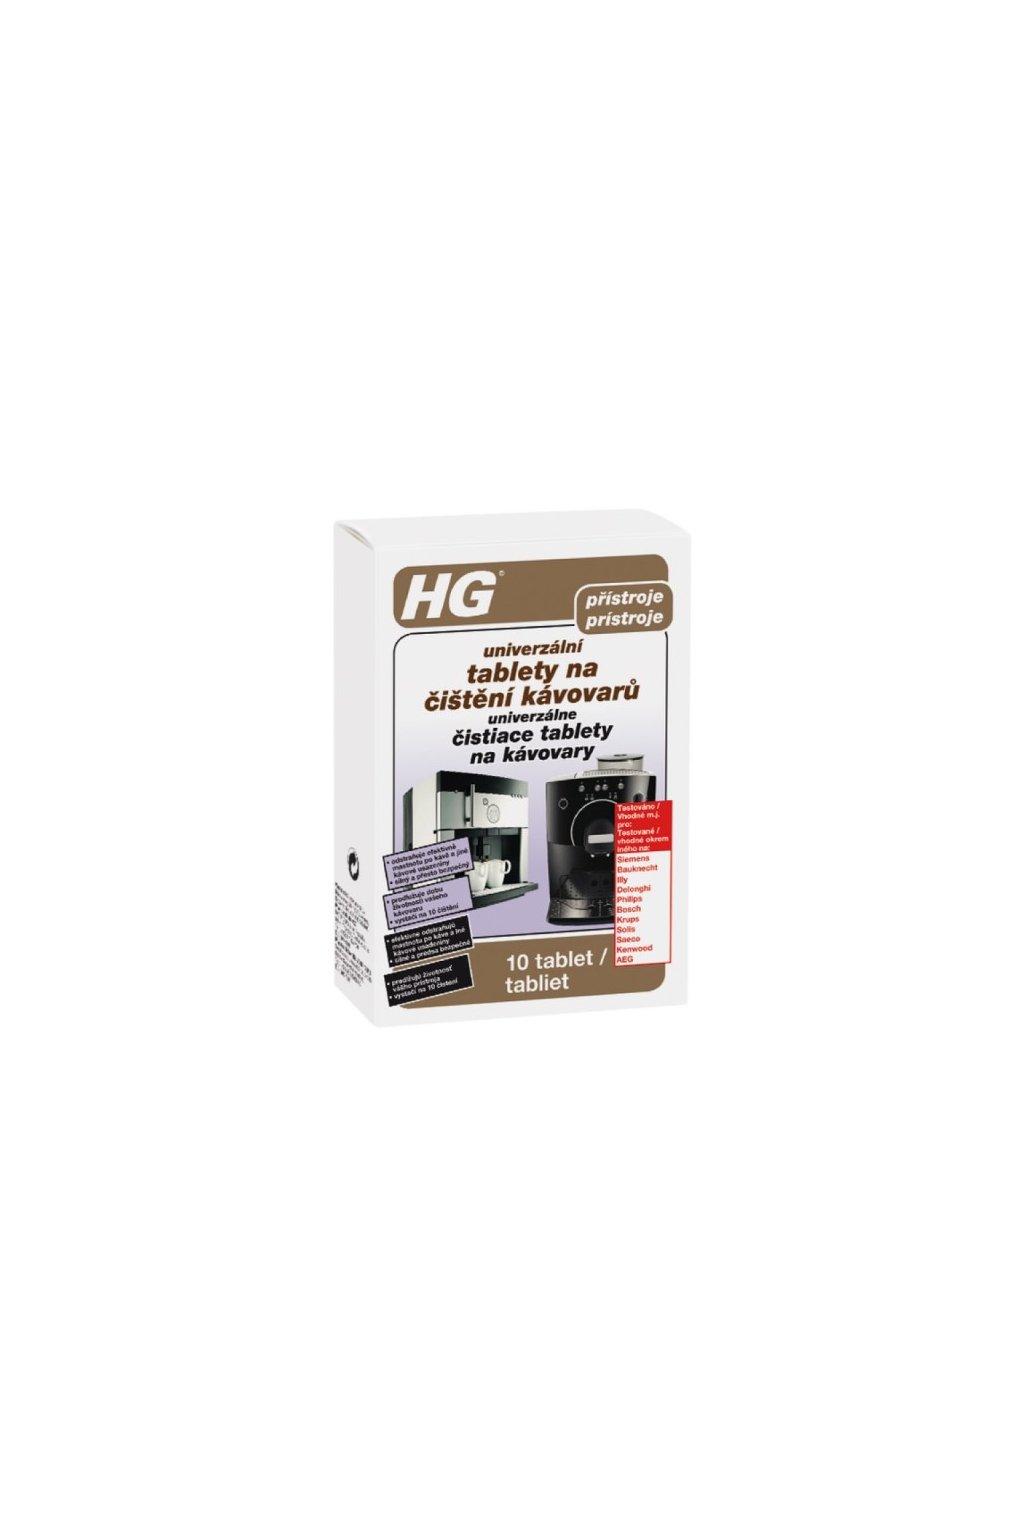 HG tablety